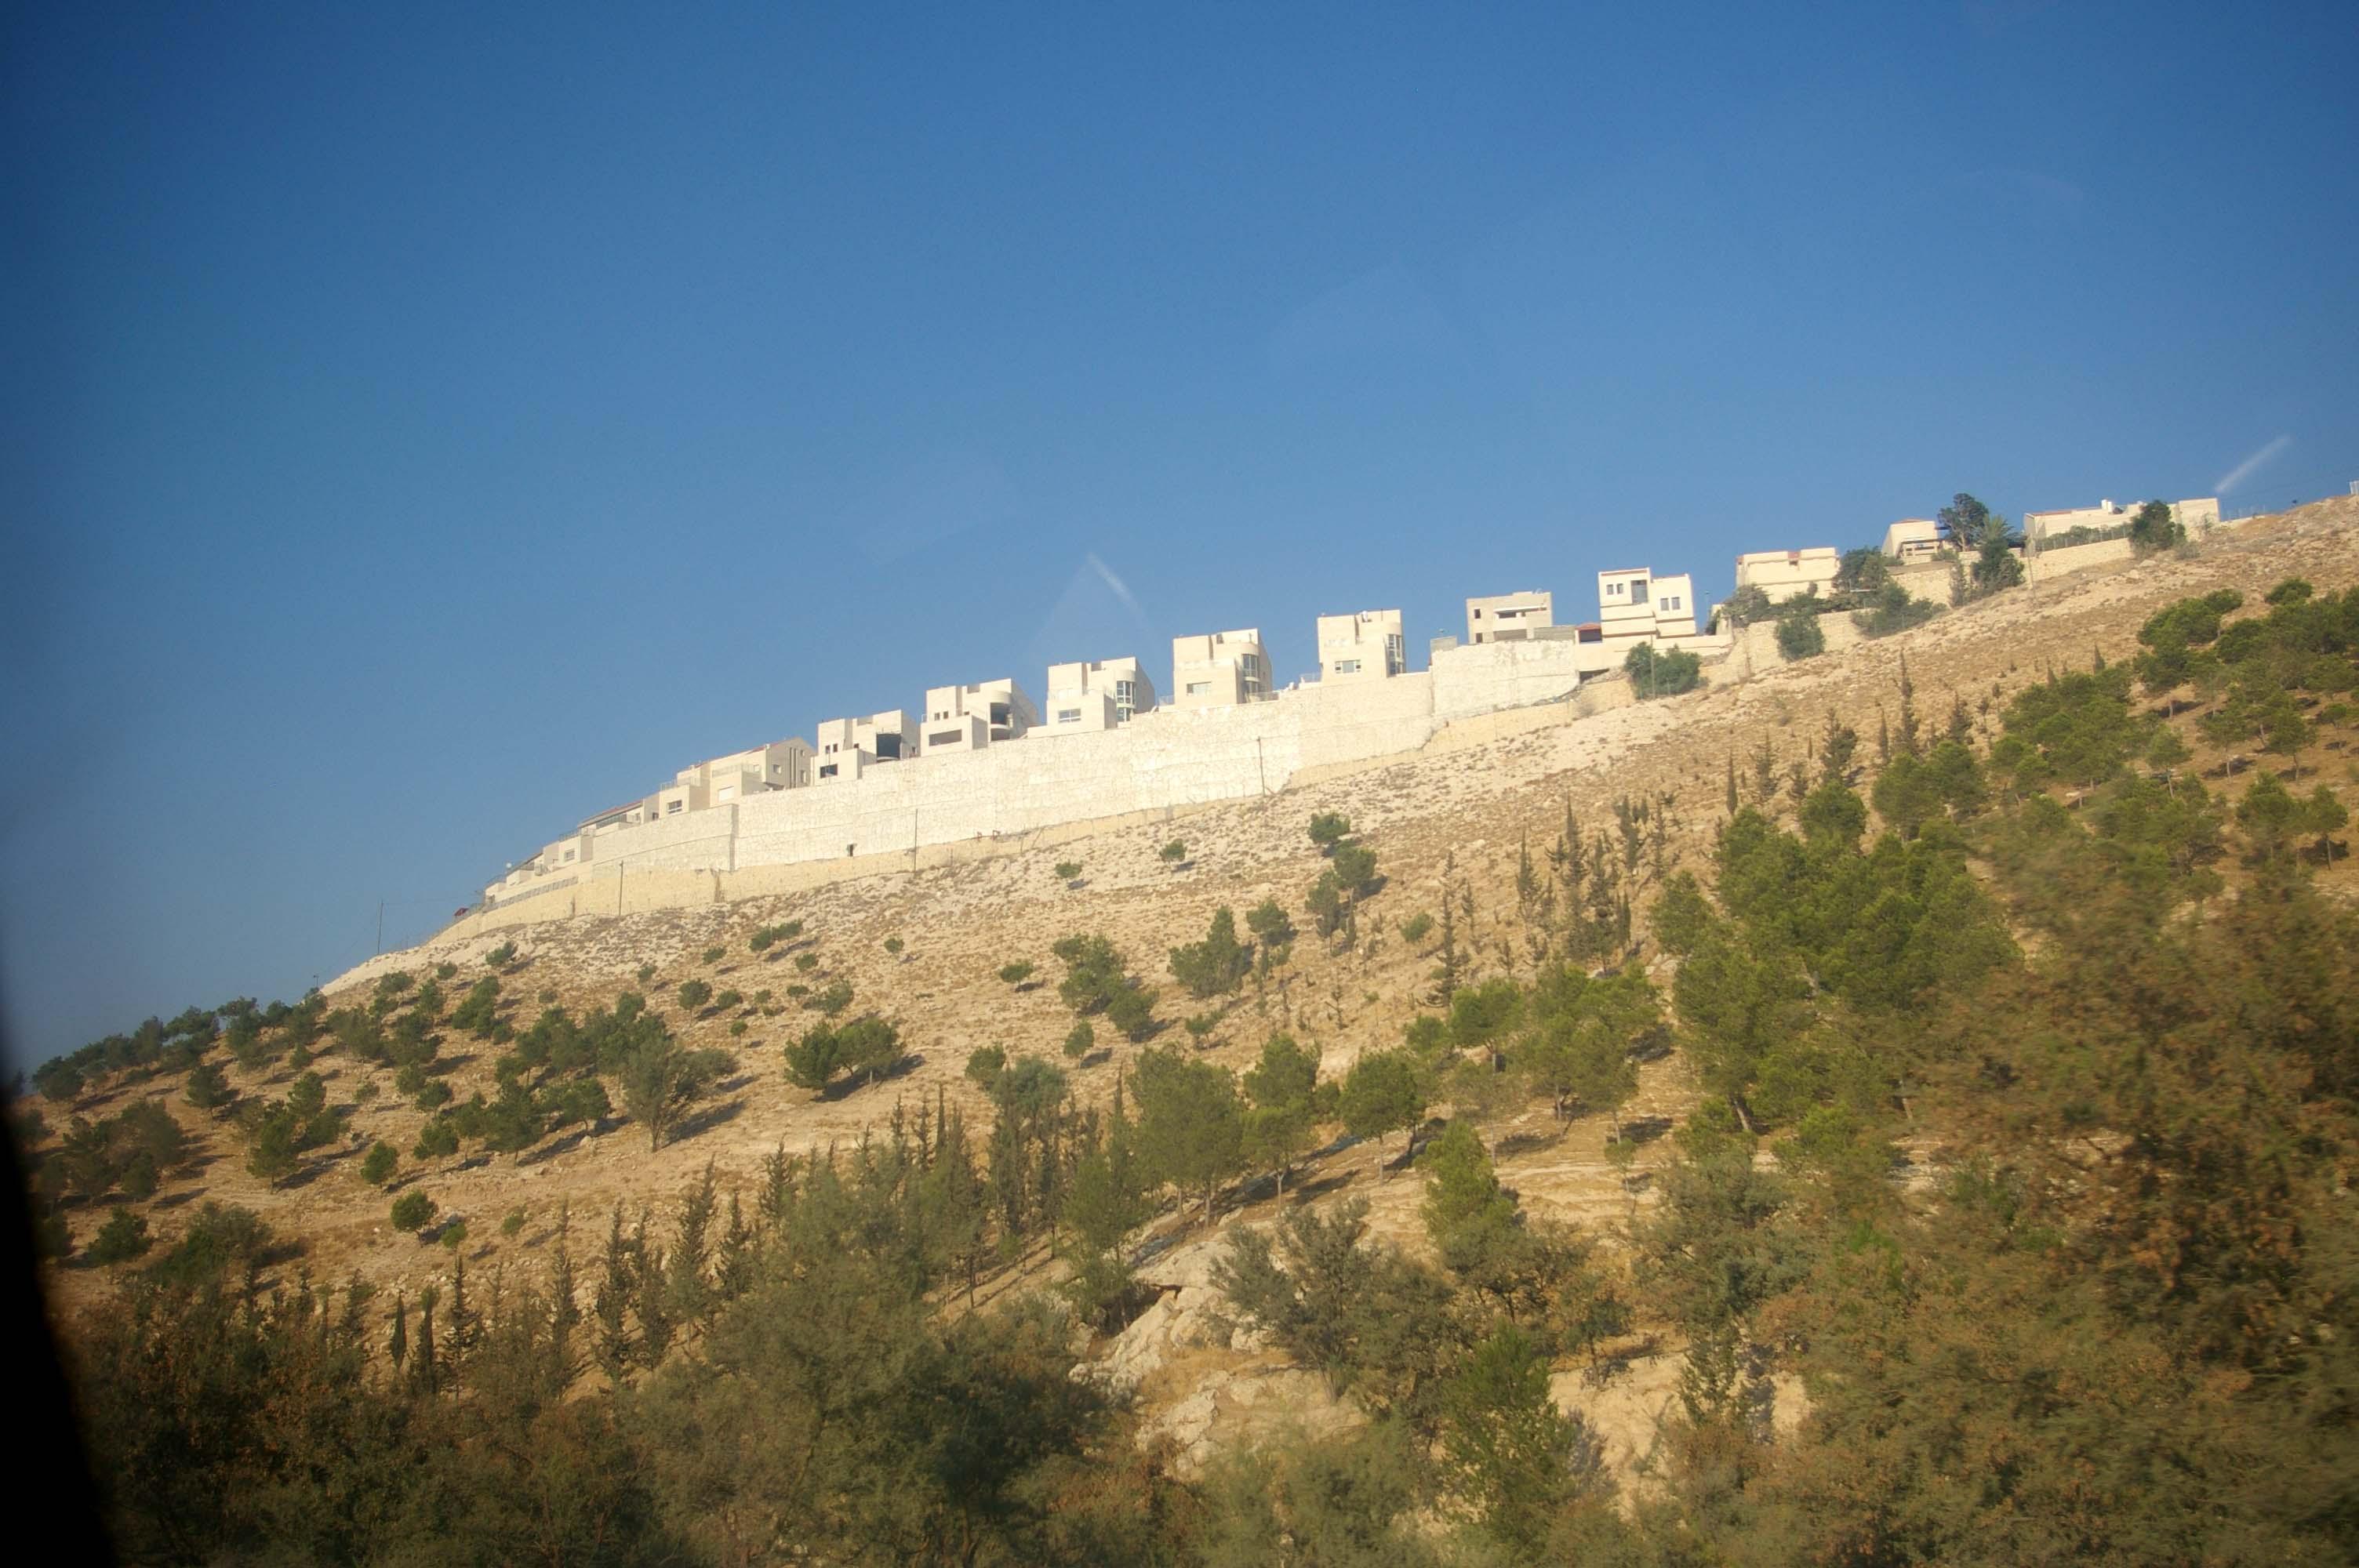 Ma'ale Adummim - photo by Leopold Lambert (3)